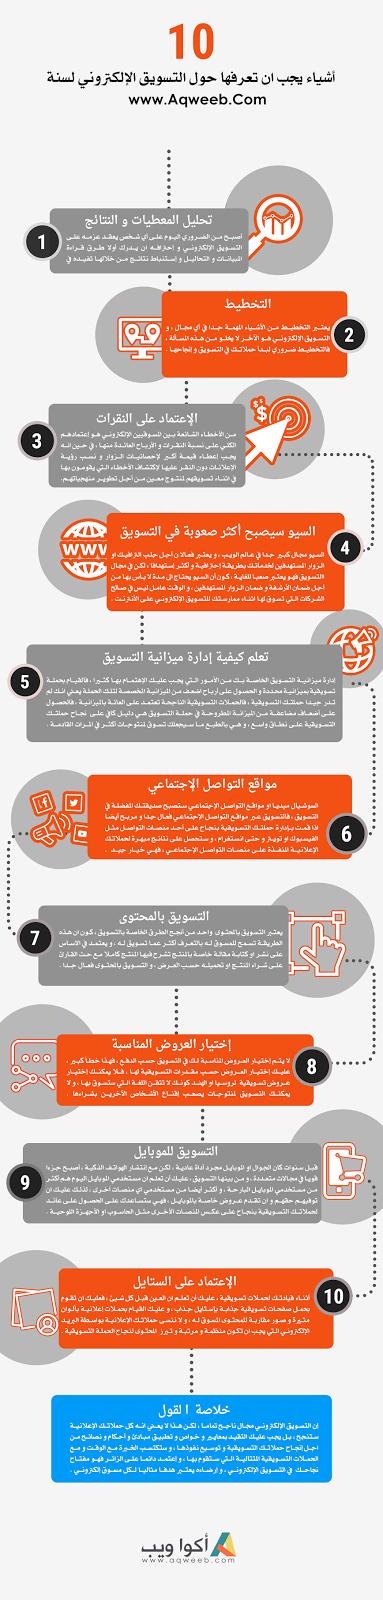 10 أشياء يجب ان تعرفها حول التسويق الإلكتروني ( أنفوجرافيك )